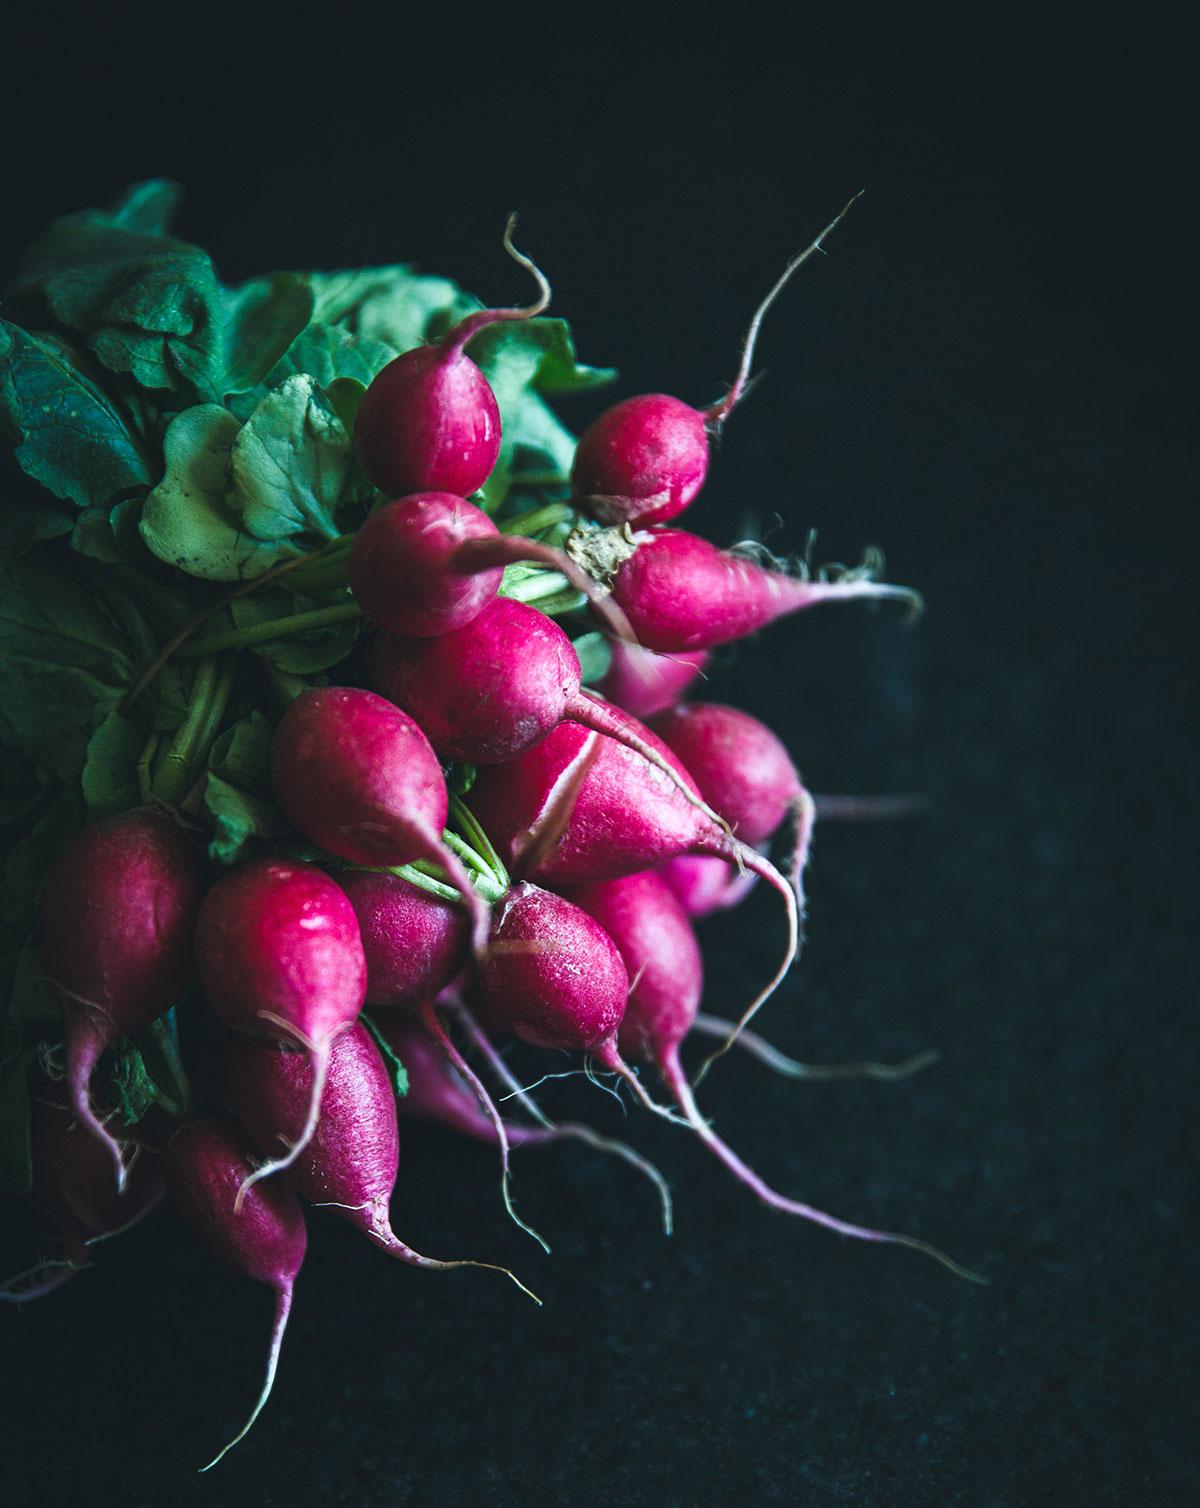 botanical-folk-lacto-fermented-radishes.jpg